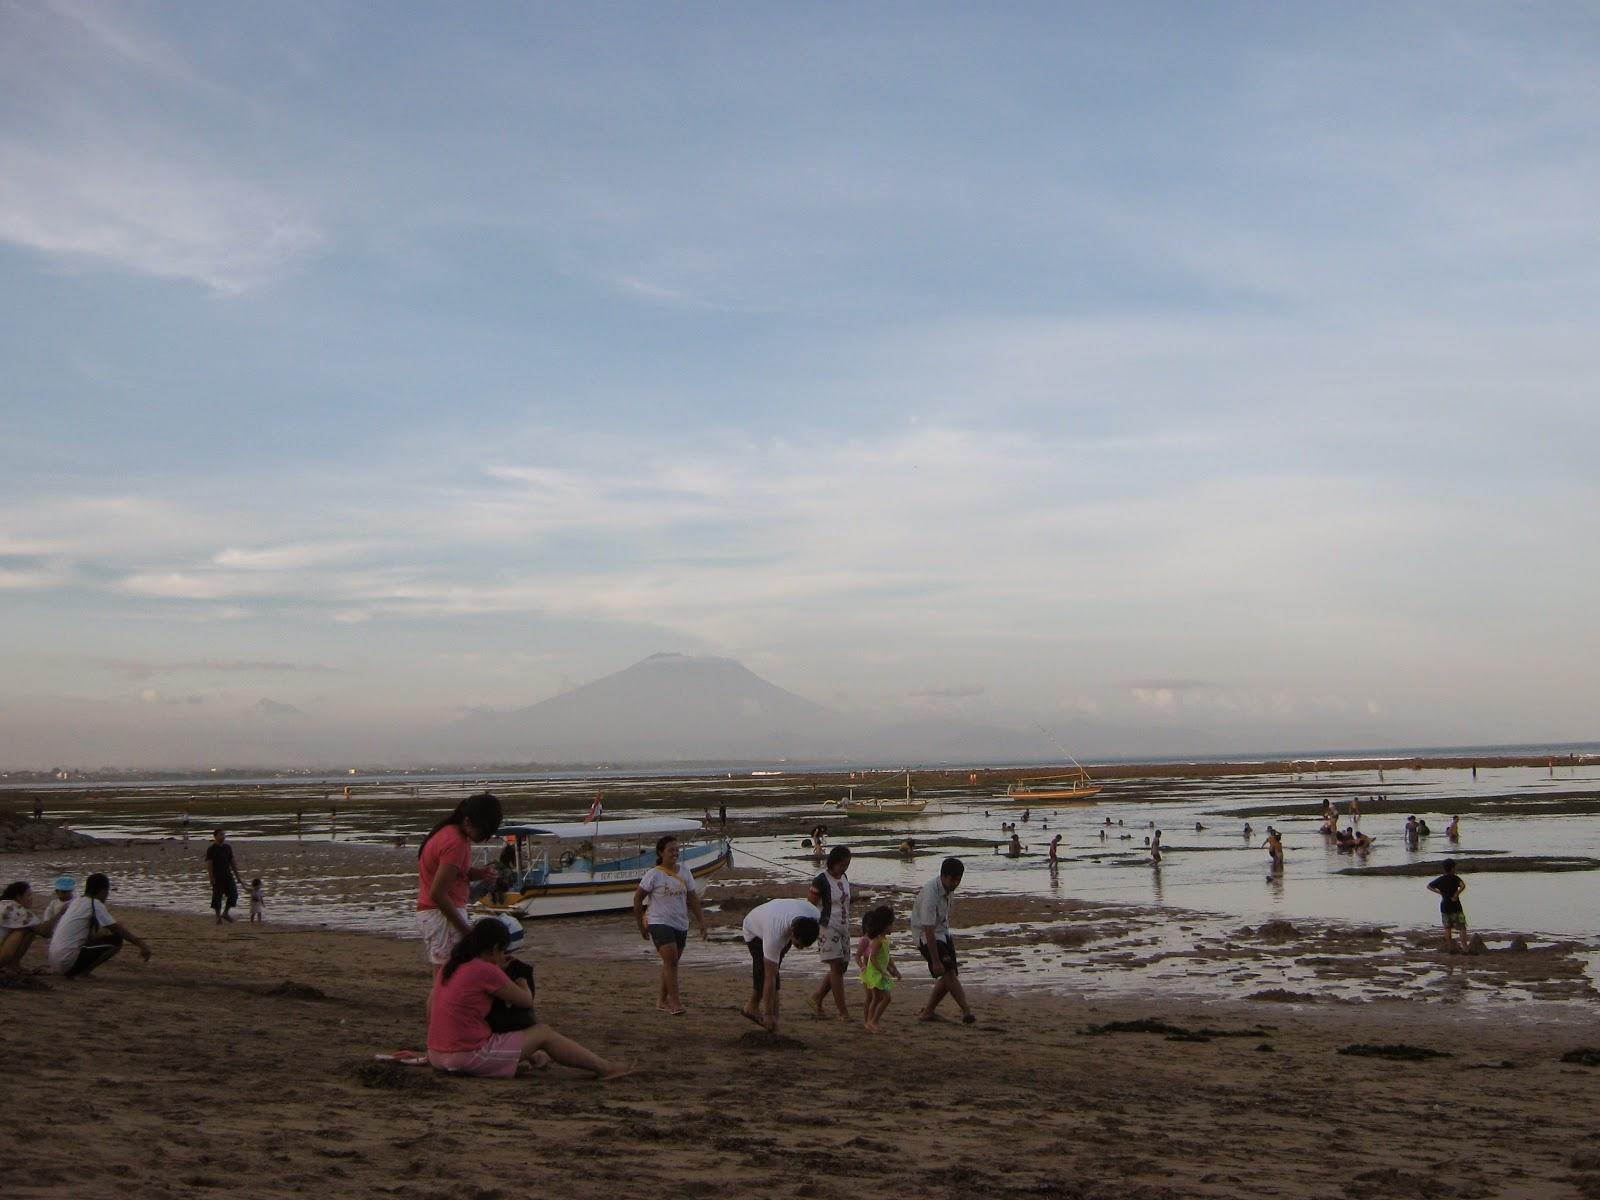 Bali Attractions Family Vacation at Sindu Beach